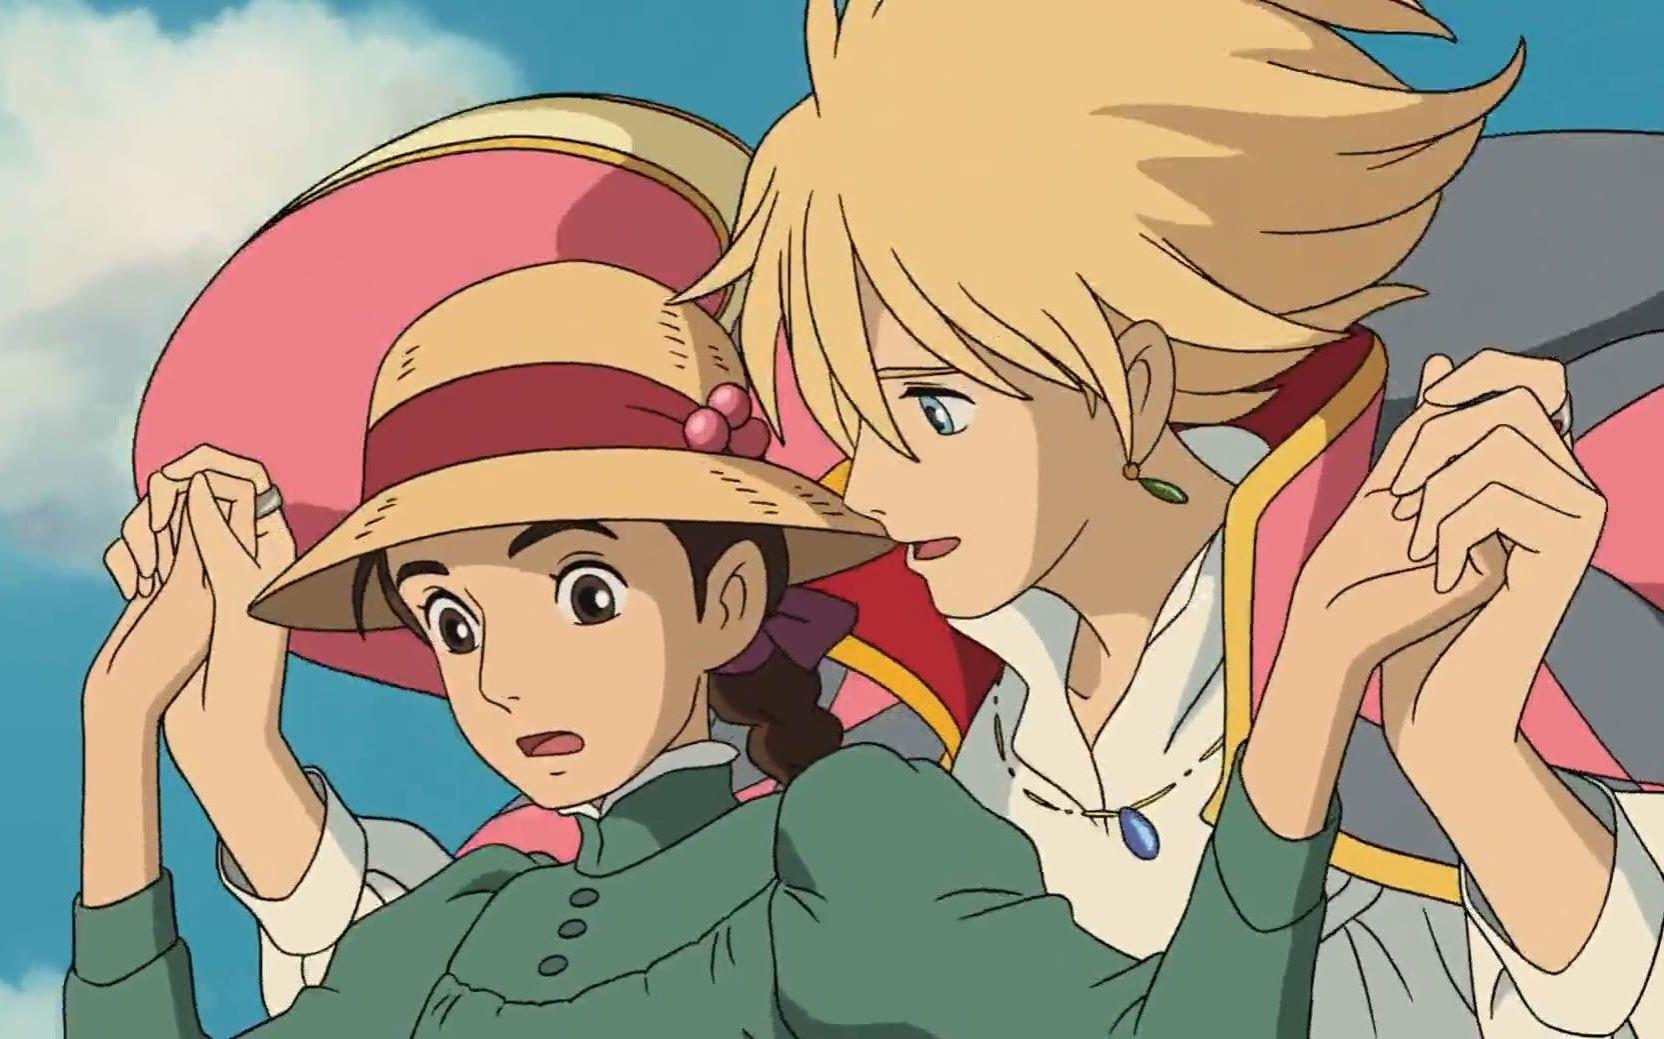 宫崎骏有哪些经典的动漫作品